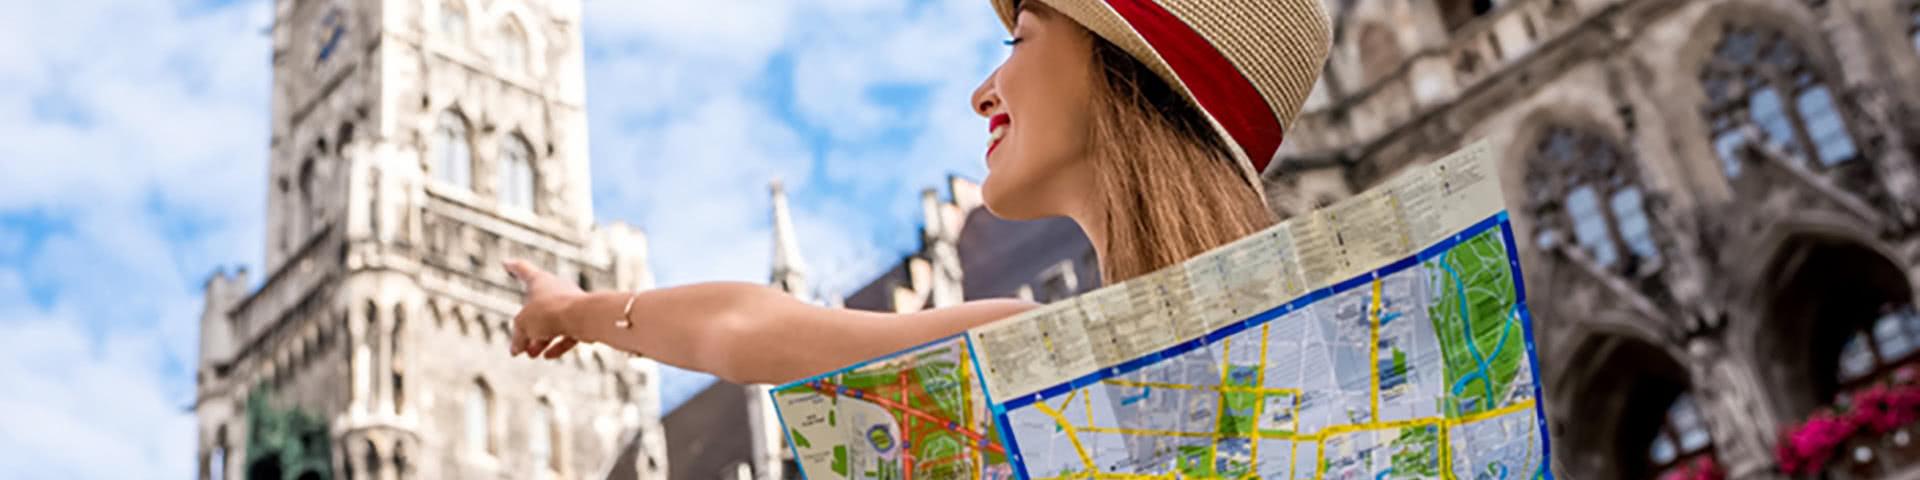 Frau mit Stadtkarte auf dem MArienplatz in München